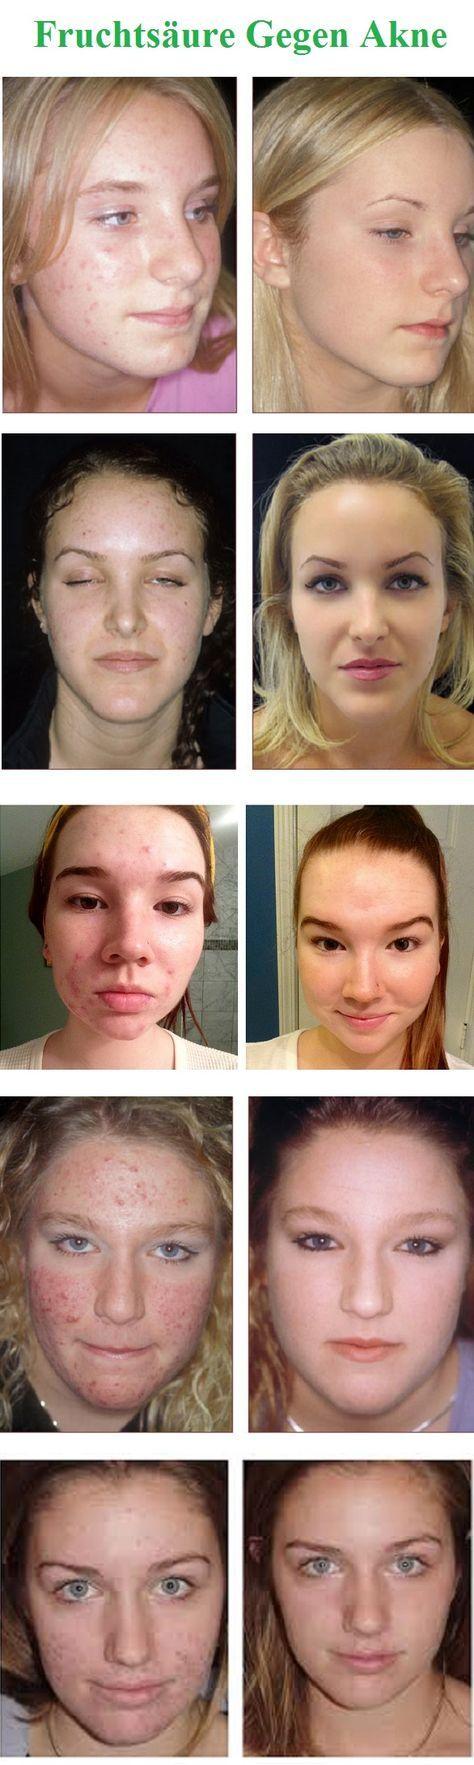 Das Trichloressigsäure-Peeling (TCA Peel) ist eine chemische Peeling-Methode (engl. to peel – abschälen), die als kosmetisches bzw. dermatologisches Verfahren zur Behandlung von kleinen Unreinheiten und Falten der Haut eingesetzt wird.